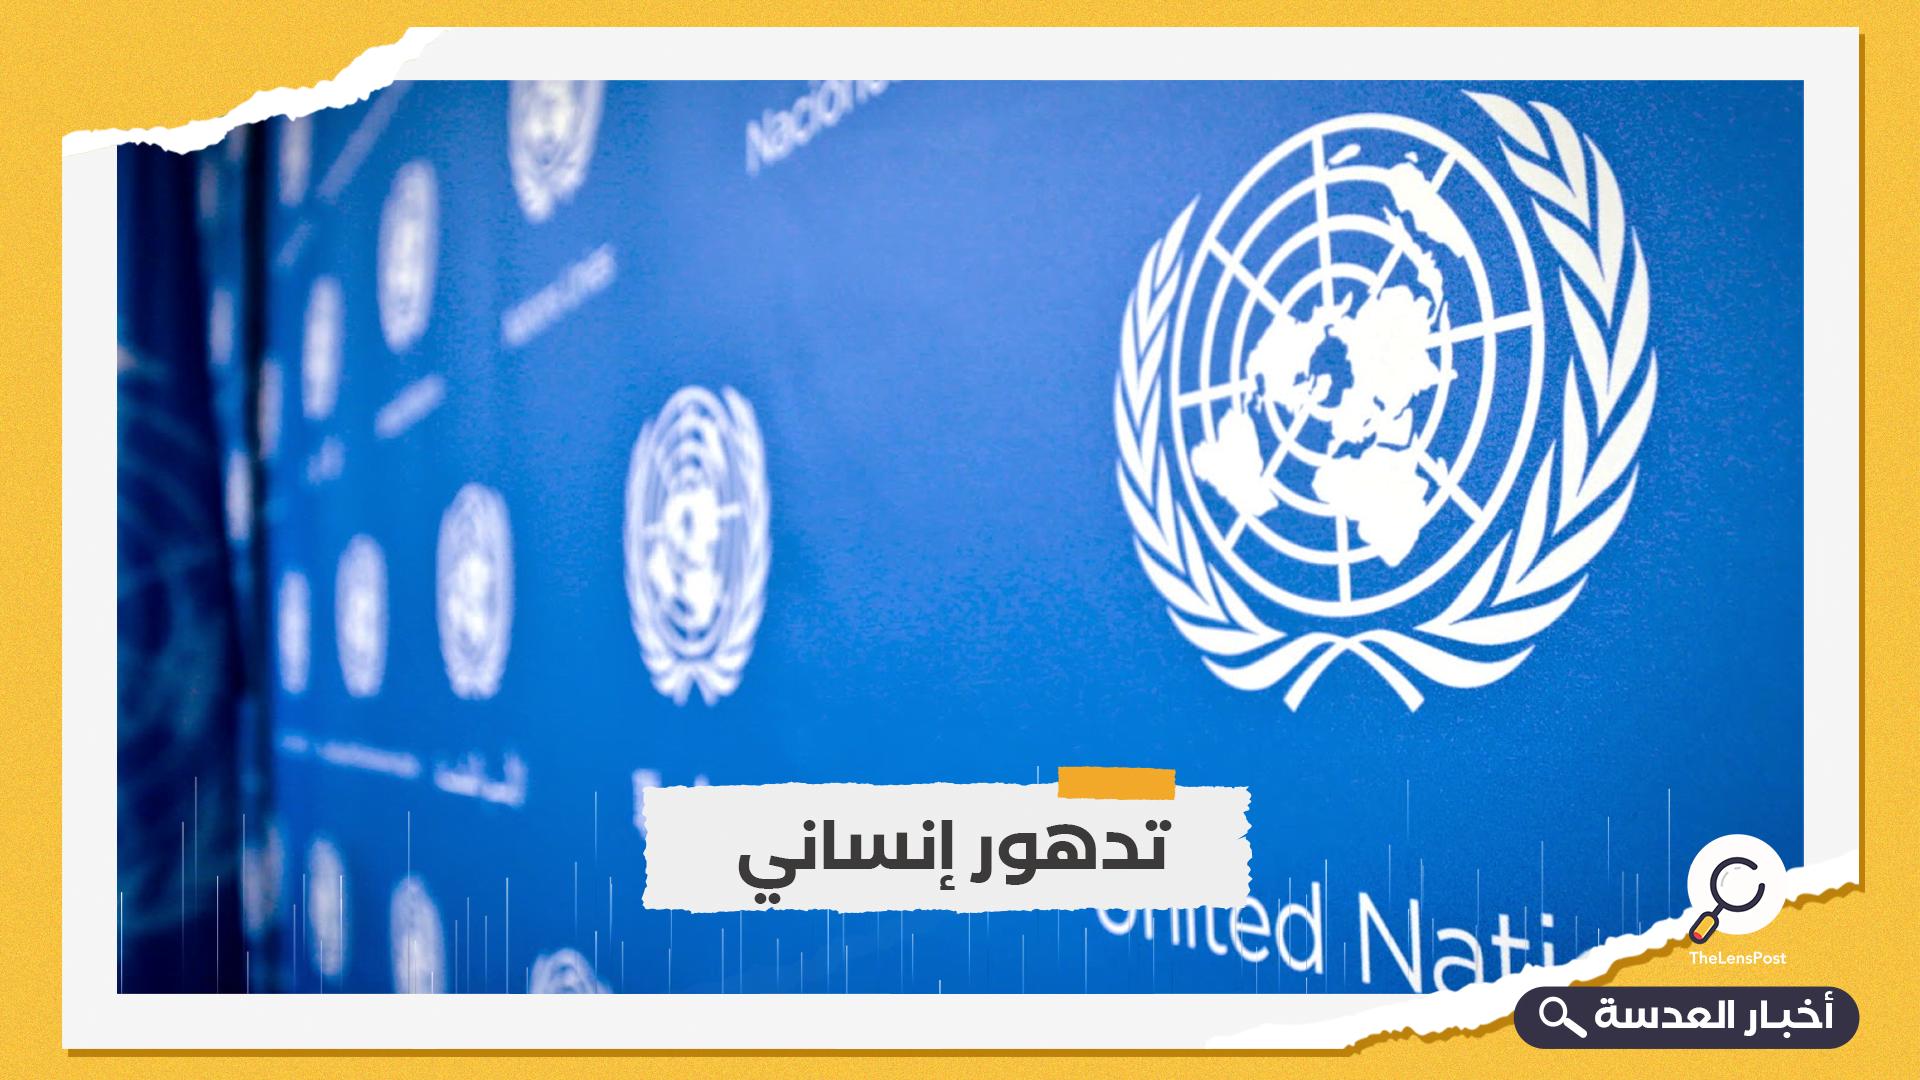 الأمم المتحدة تدين تصاعد الاشتباكات بين الحكومة اليمنية والحوثيين في الحديدة